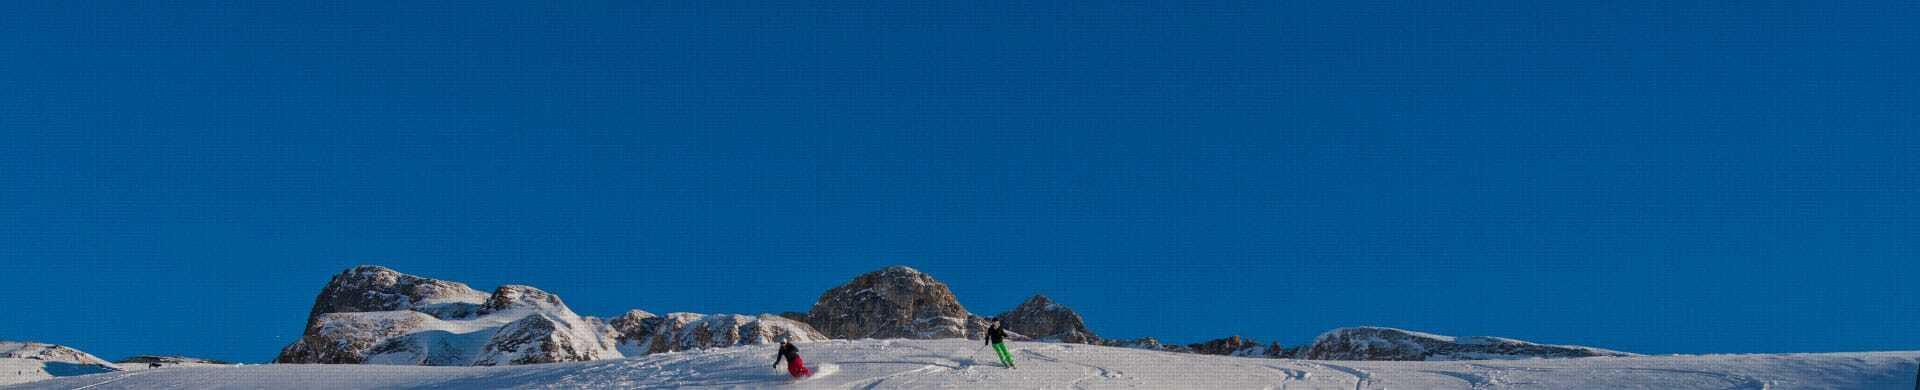 Kappl Skiurlaub - Gnstige Pauschalreisen | Sunweb